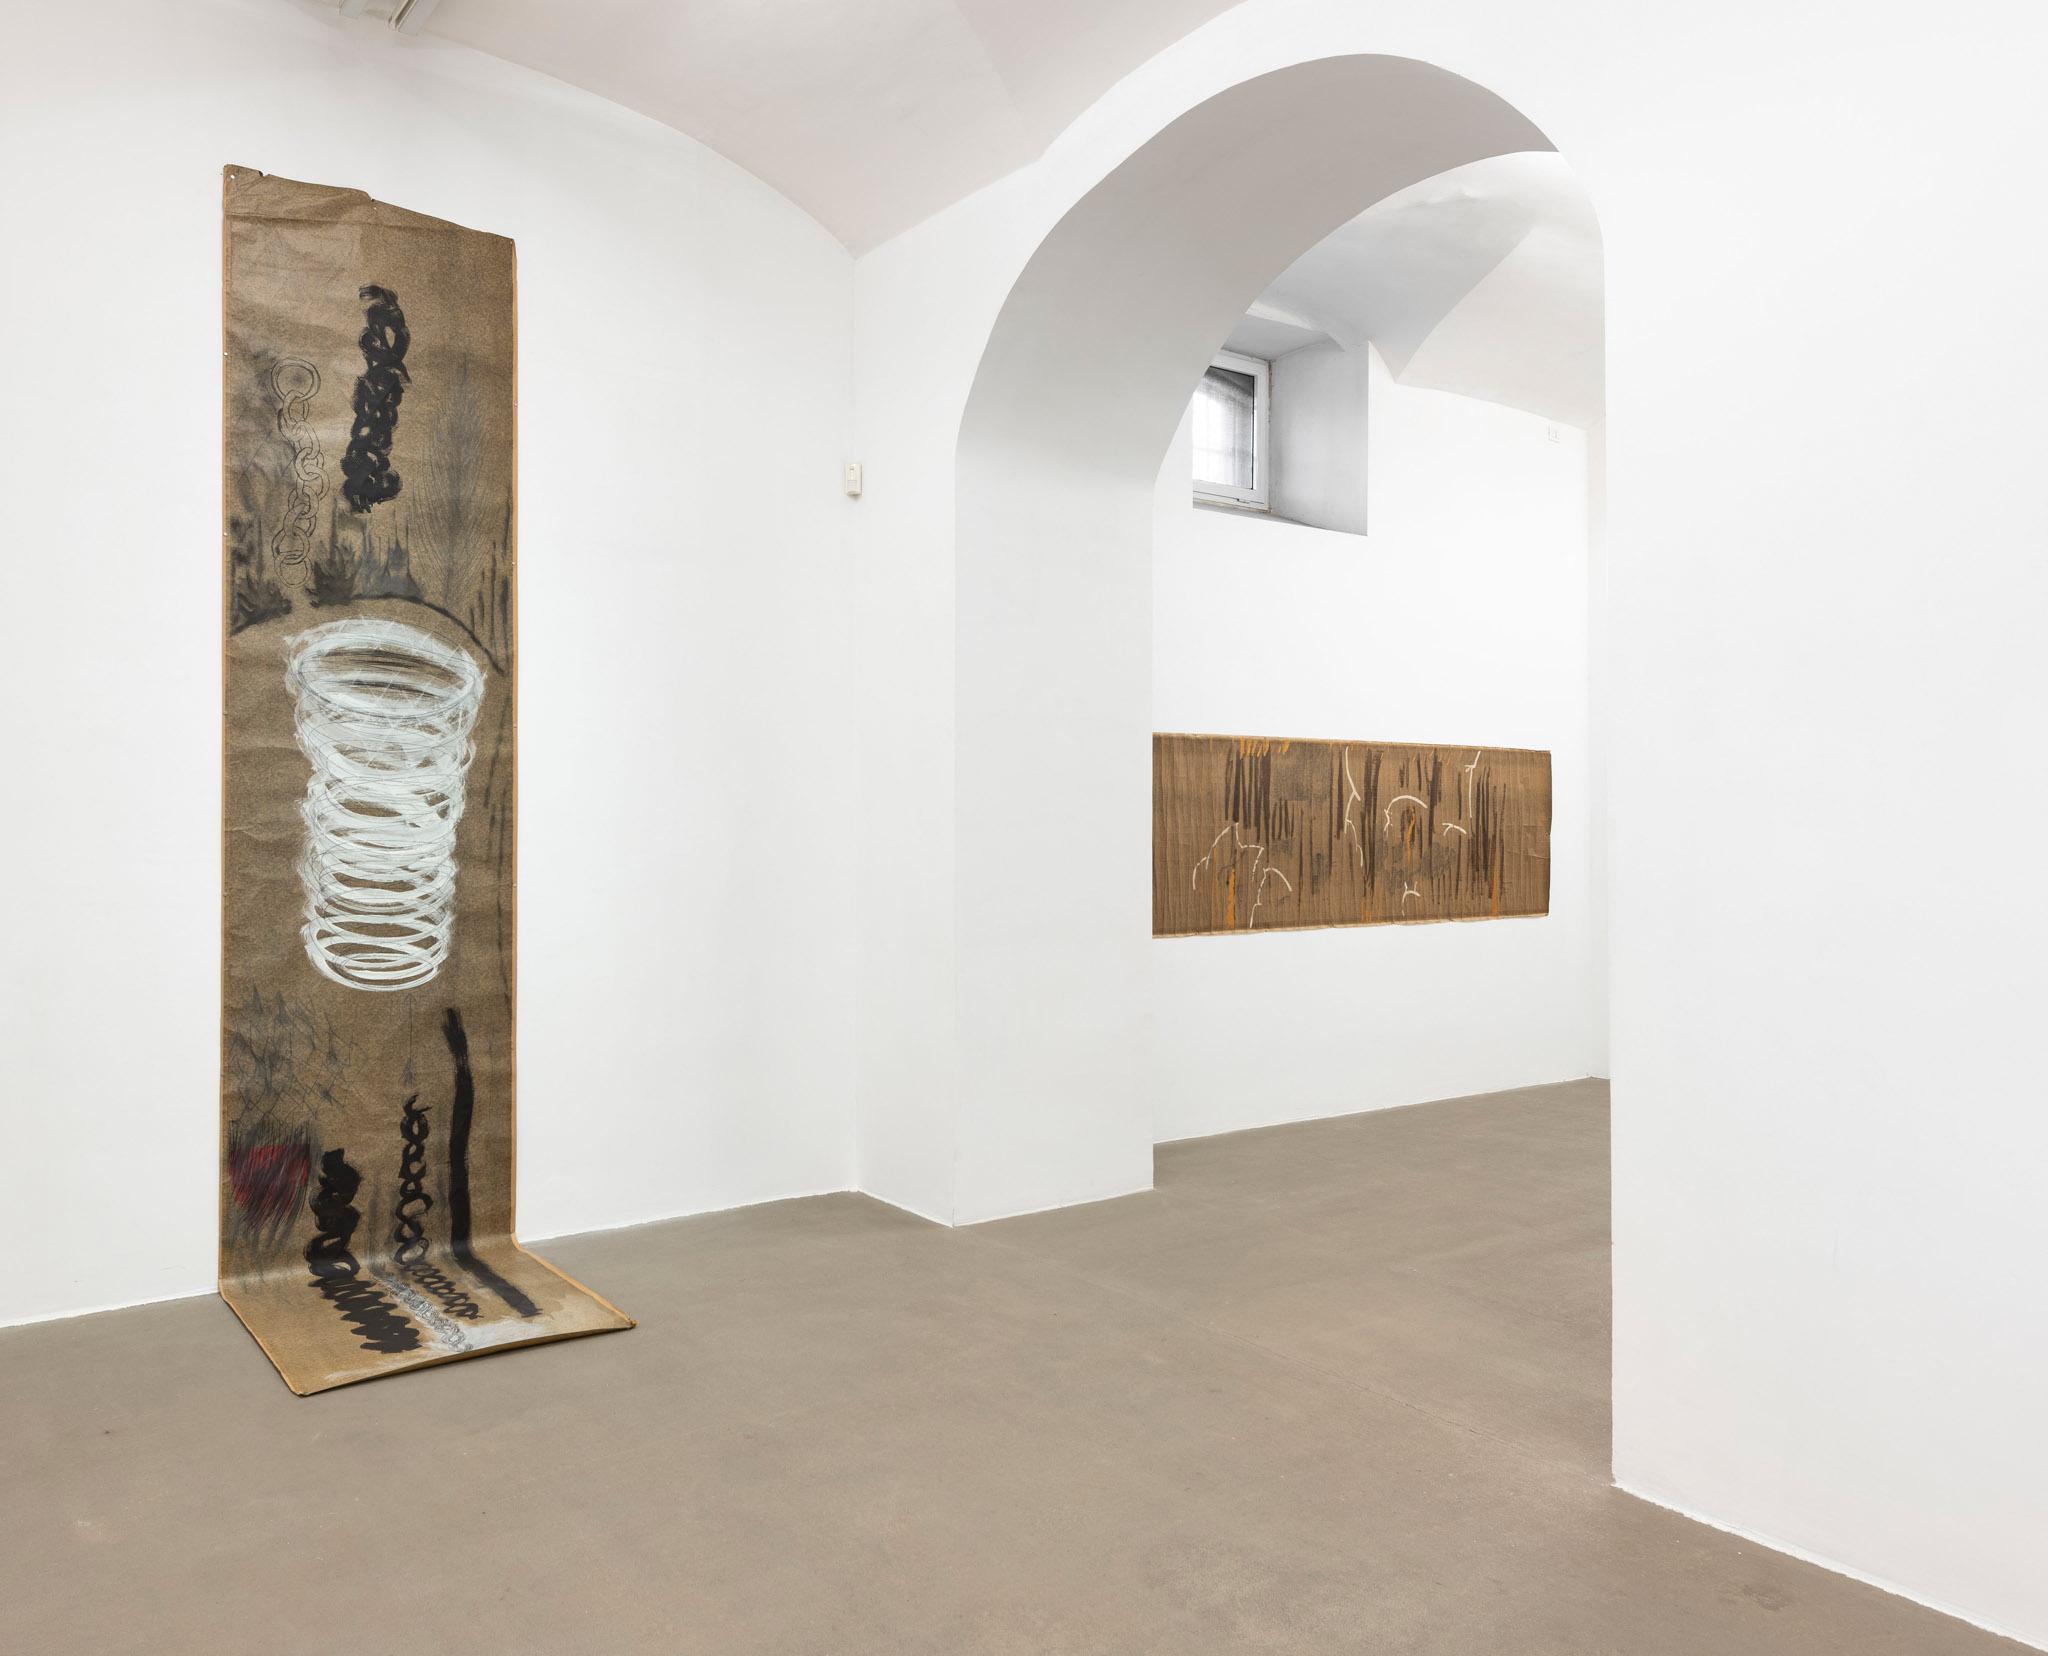 La camera bianca  Installation view ; foto: Giorgio Benni